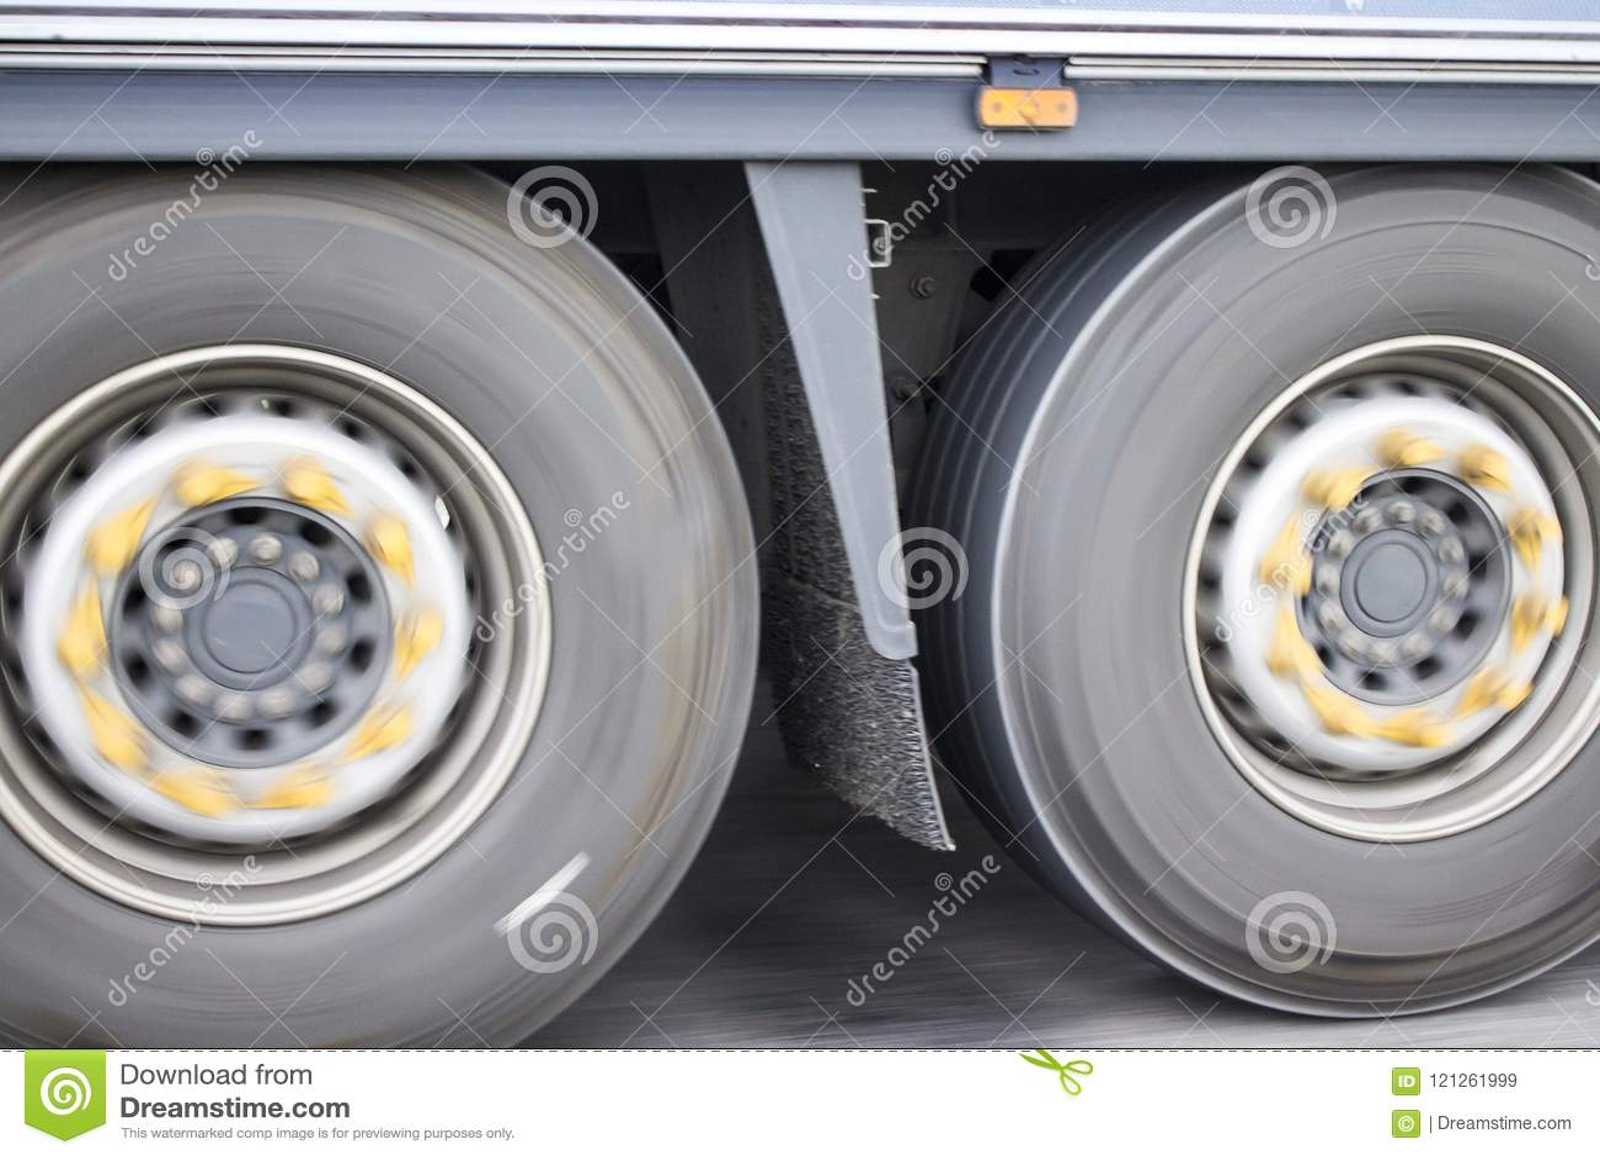 Φωτογραφία των ροδών φορτηγών στη θαμπάδα κινήσεων